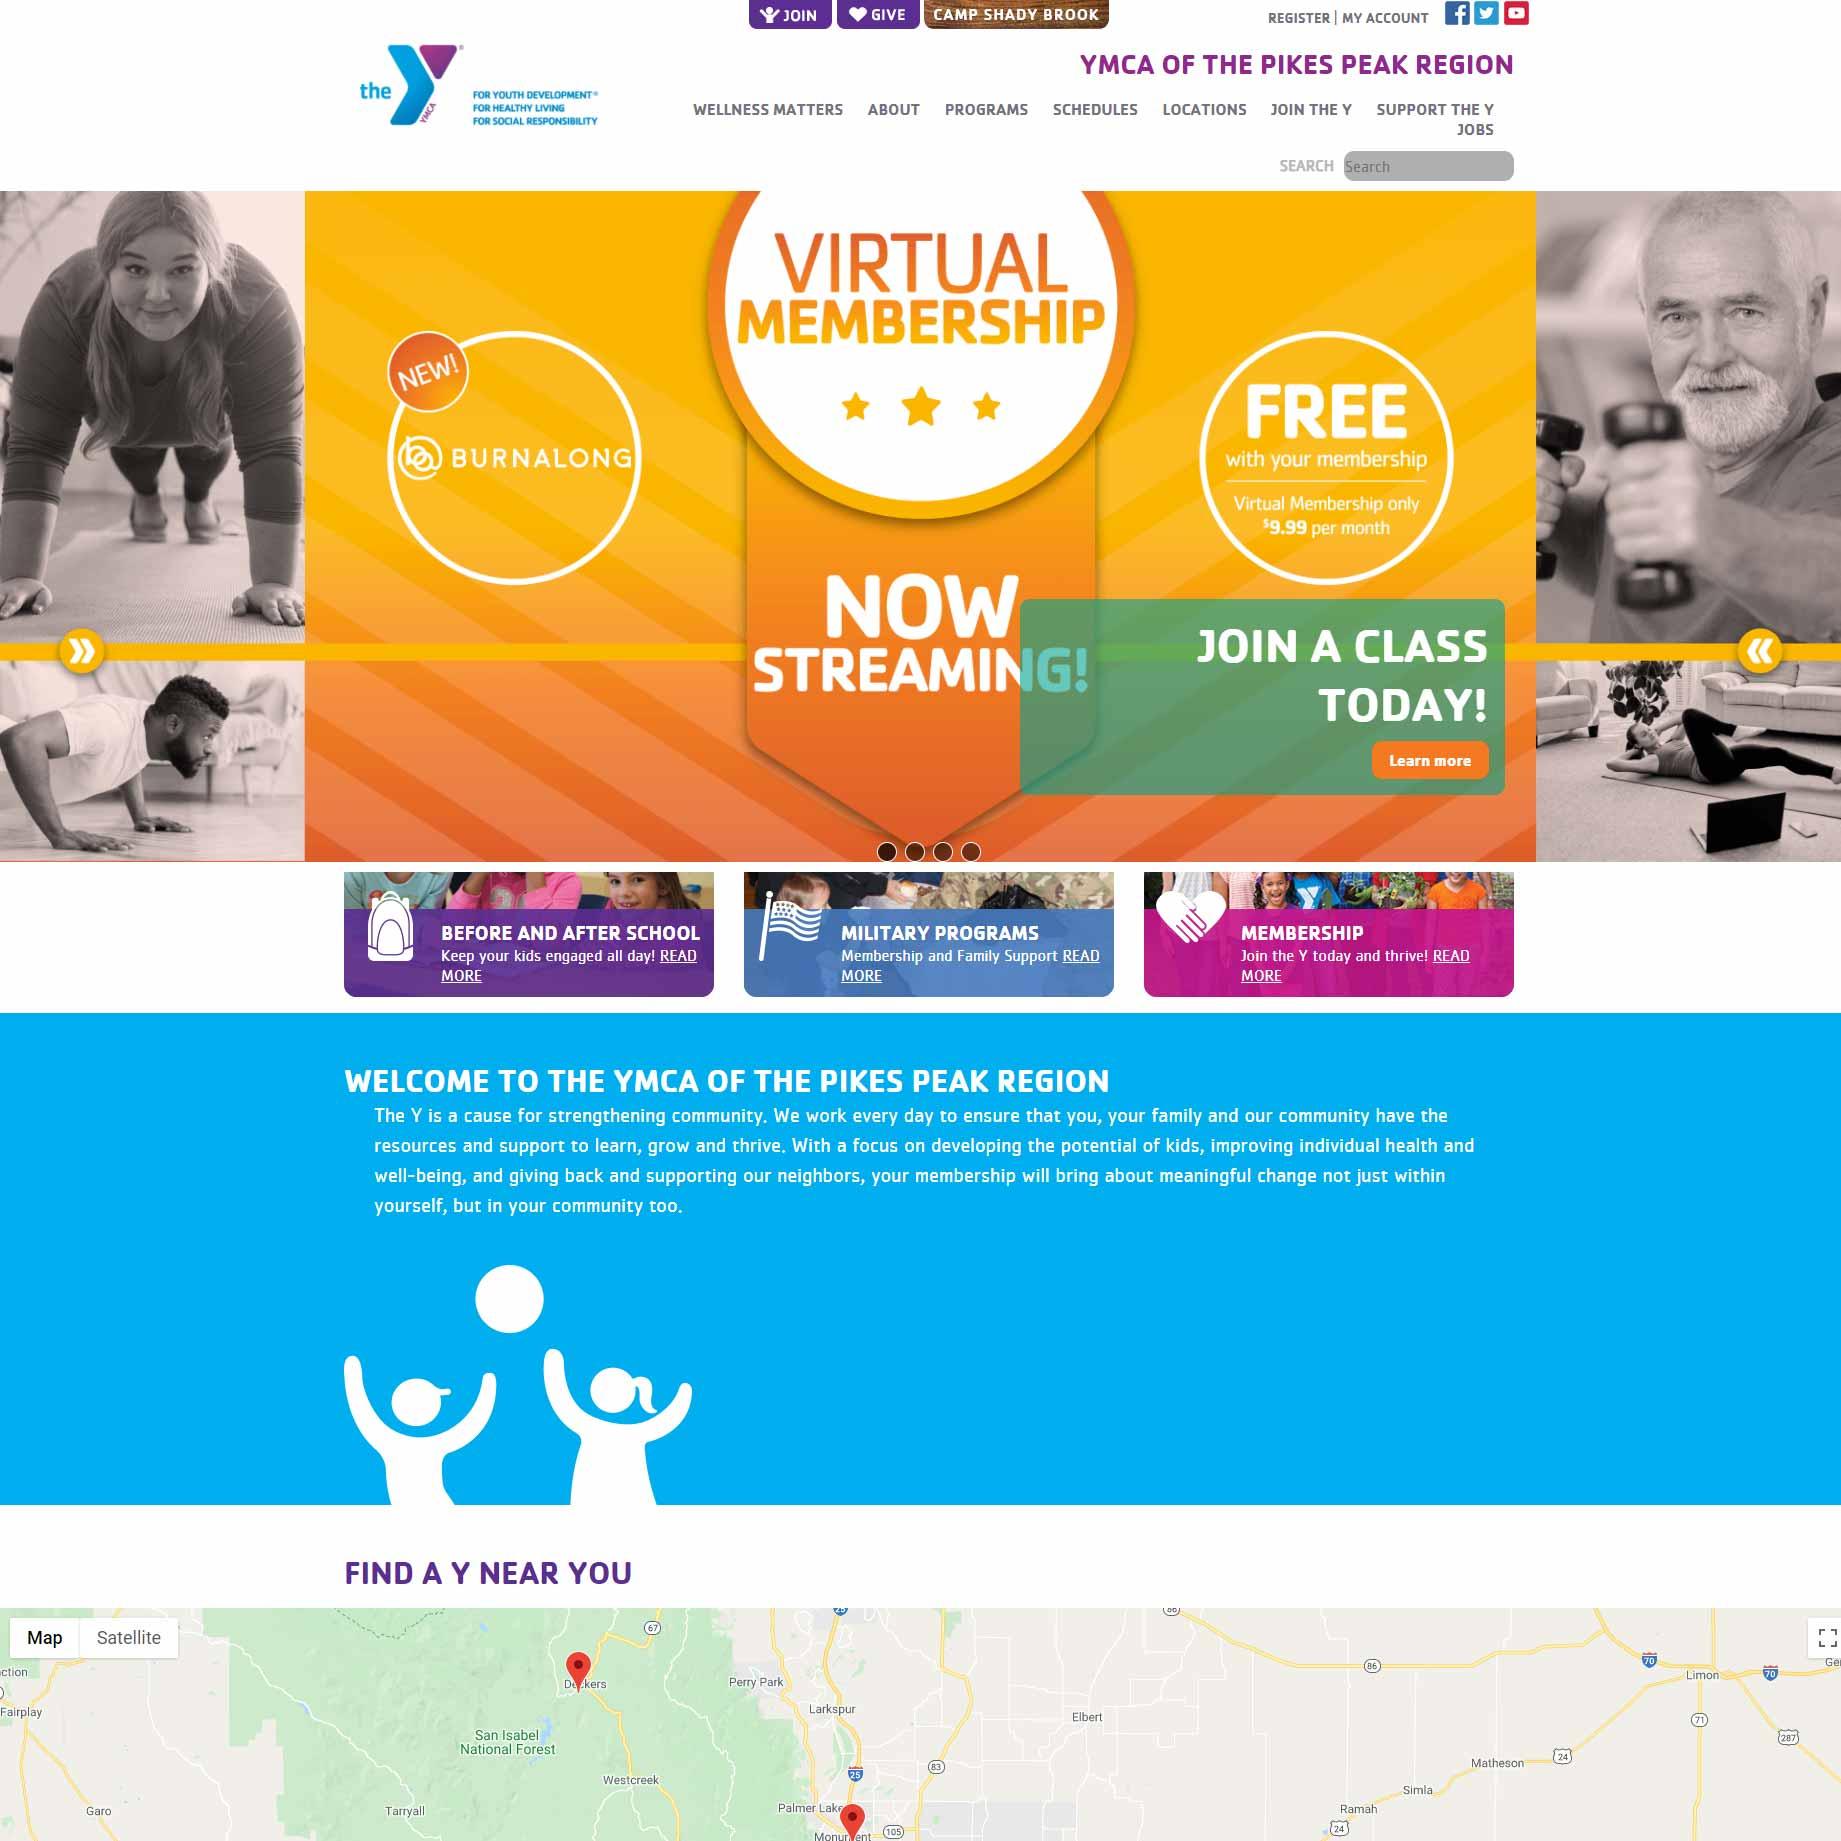 YMCA website